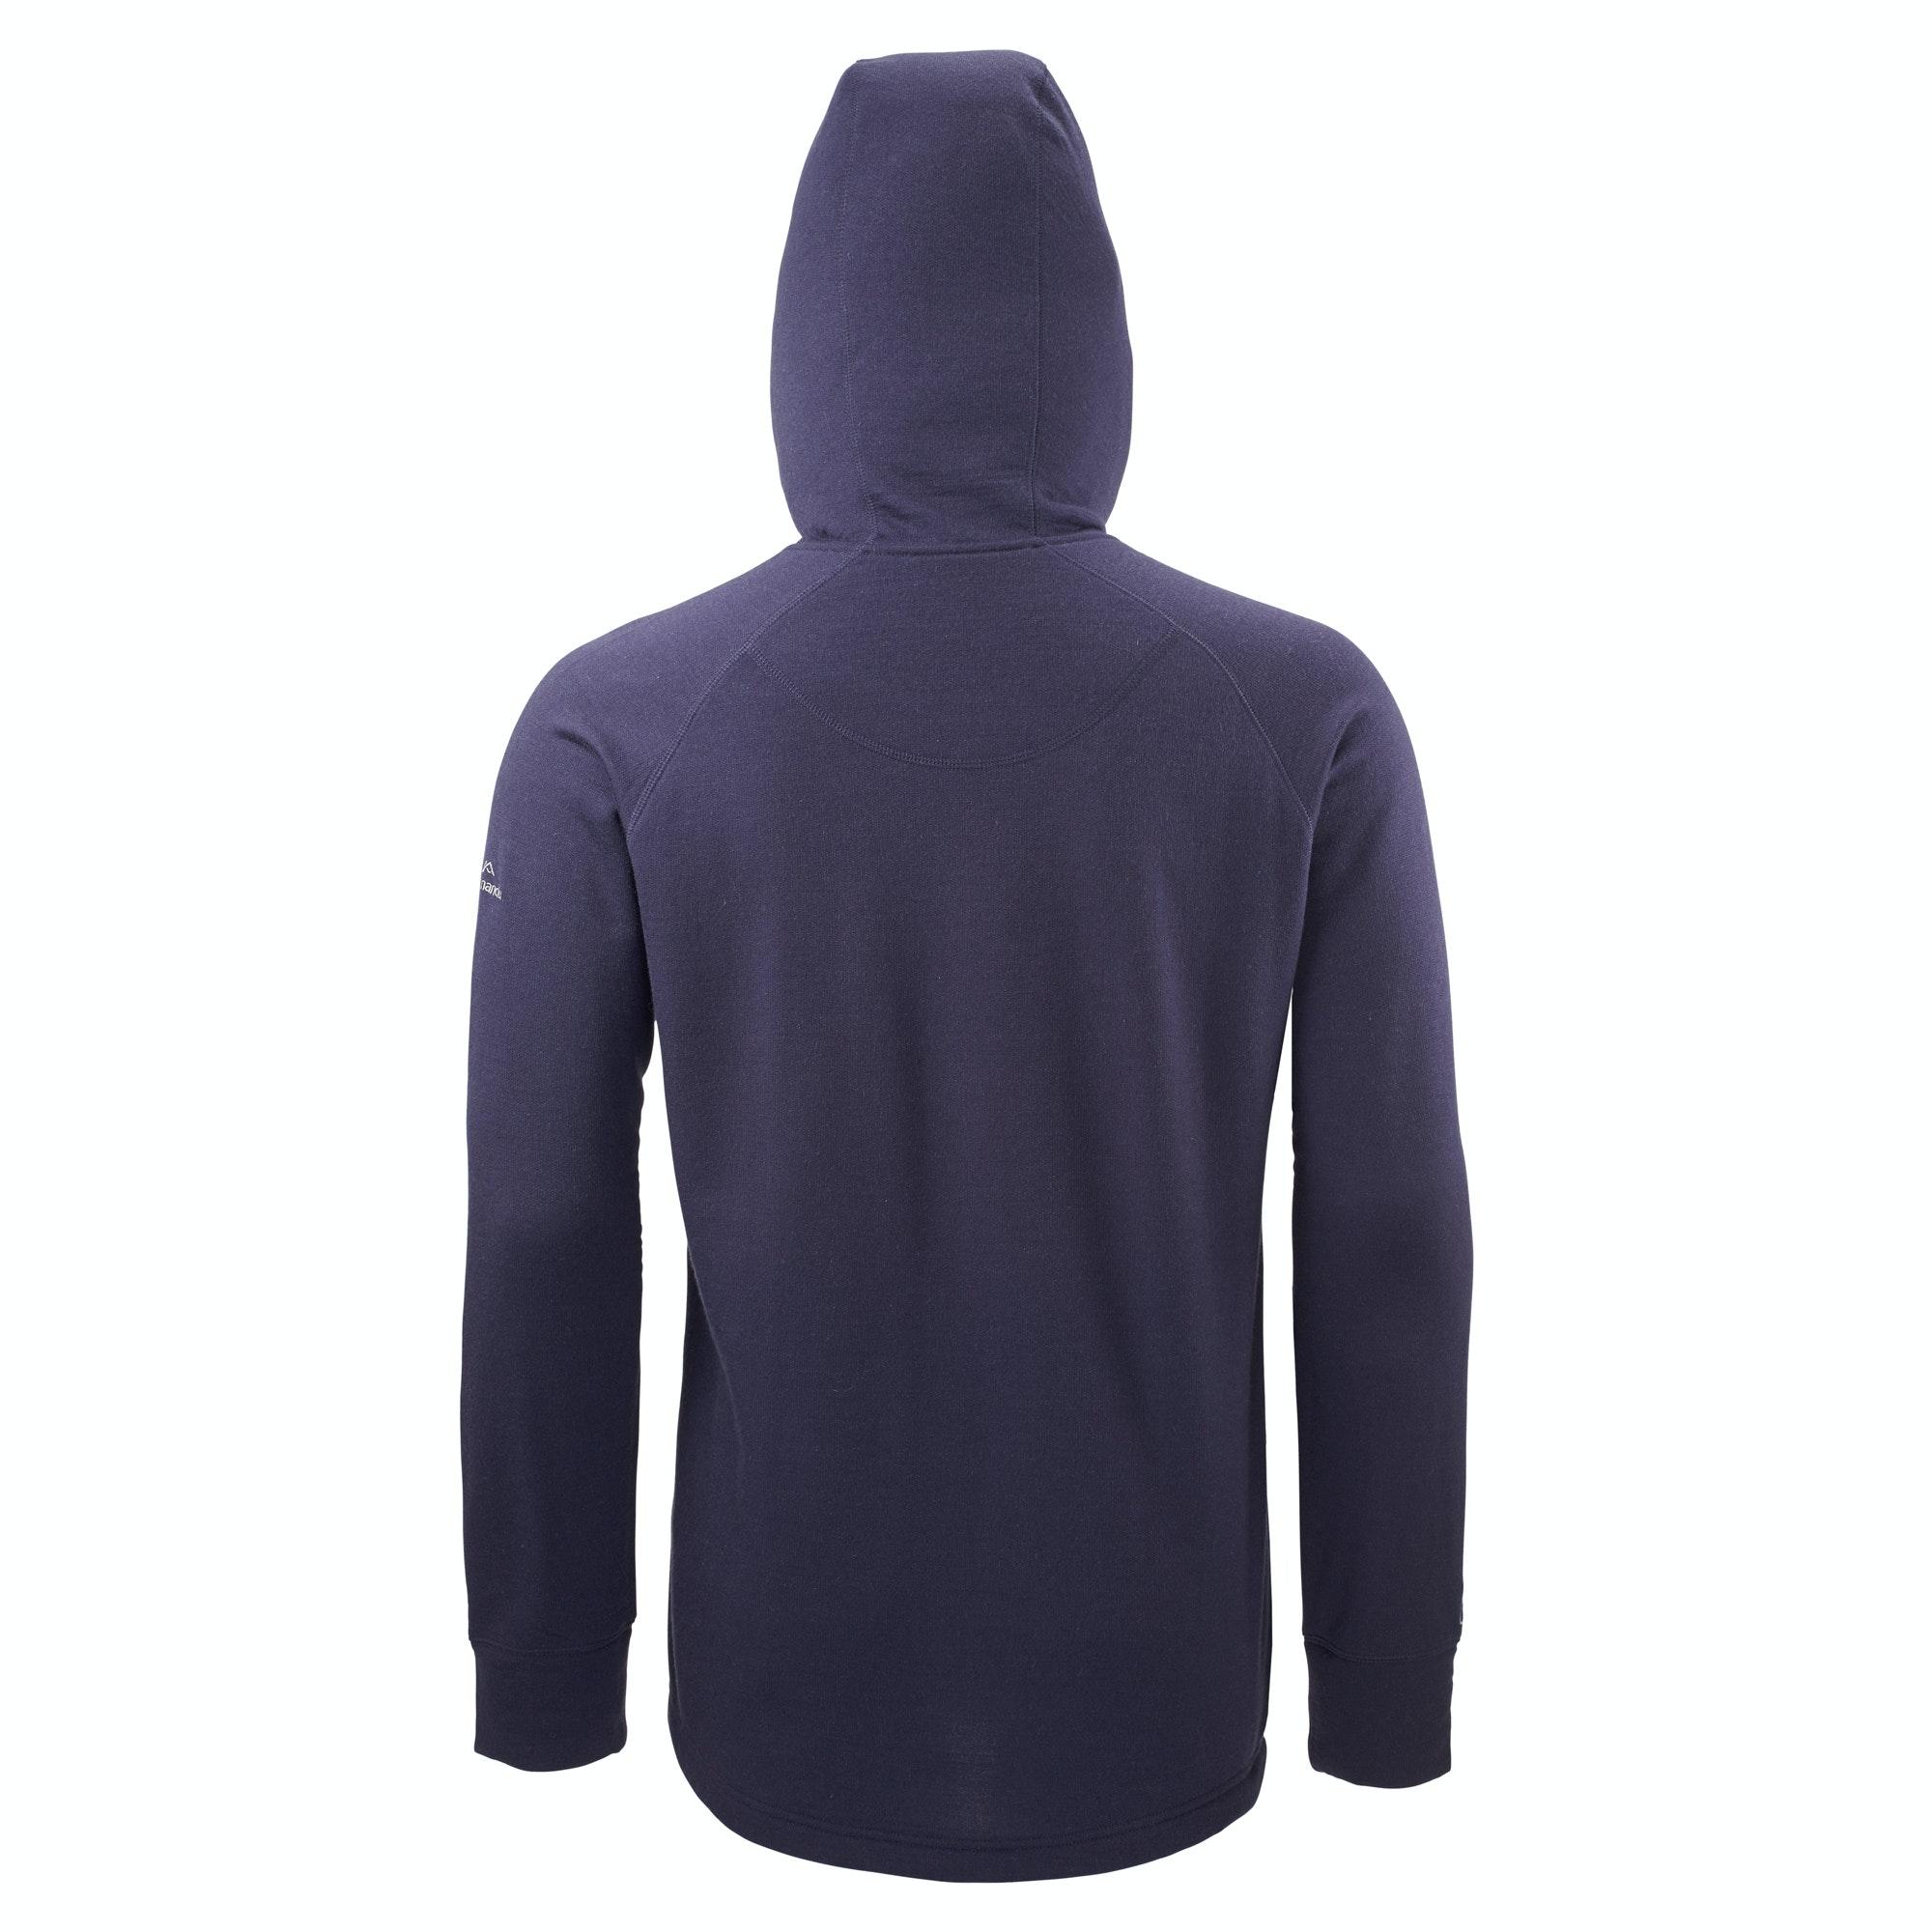 Merino wool hoody